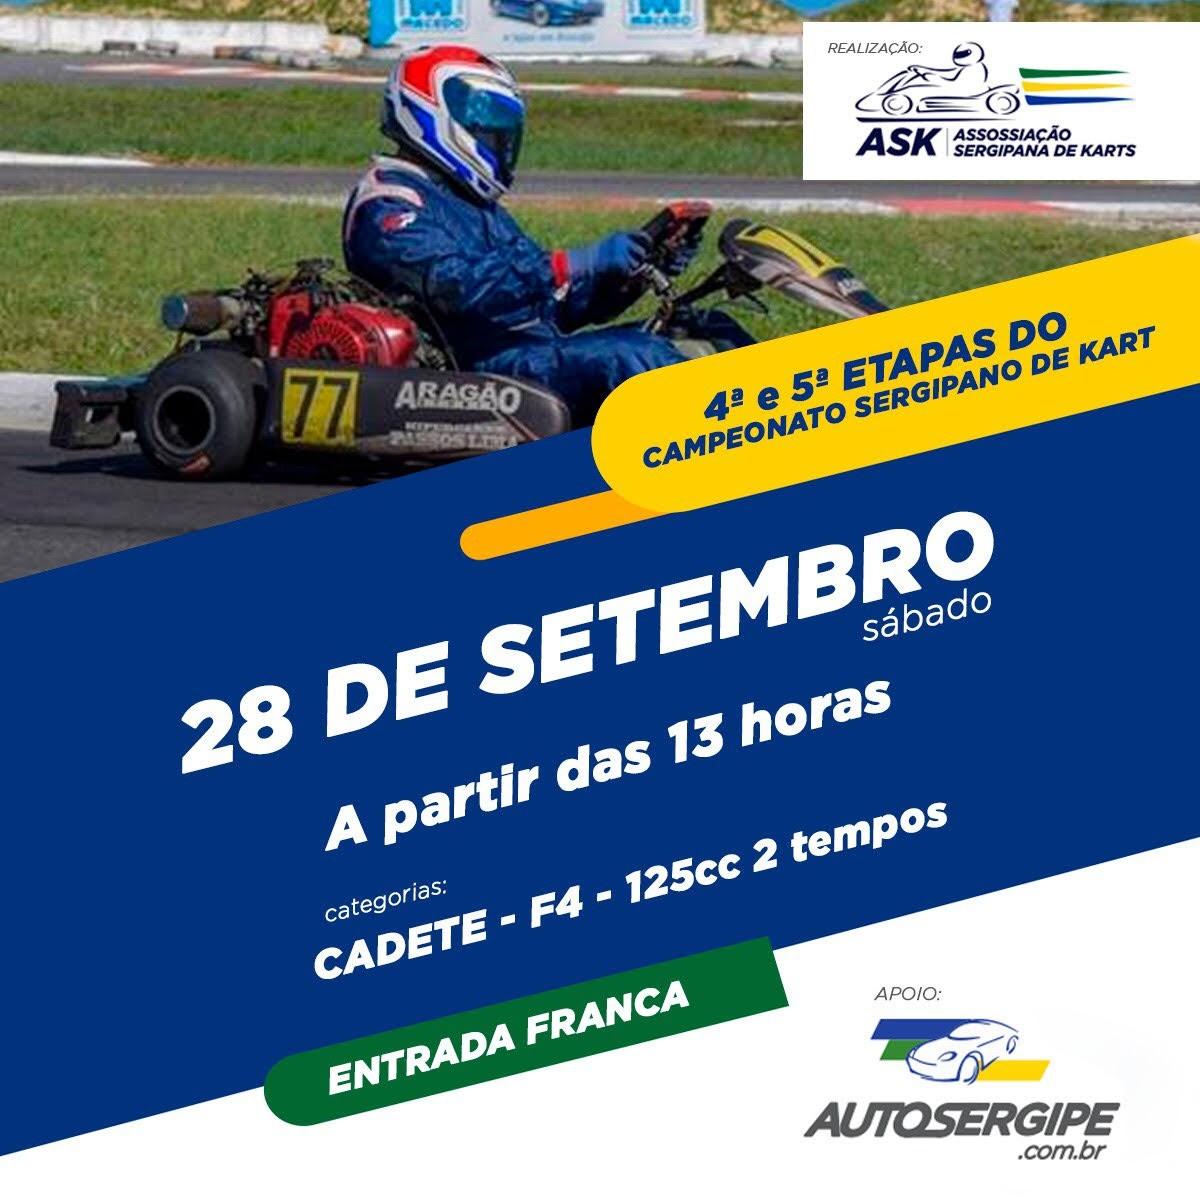 Campeonato Sergipano de Kart acontece em Aracaju (Imagem: Divulgação)